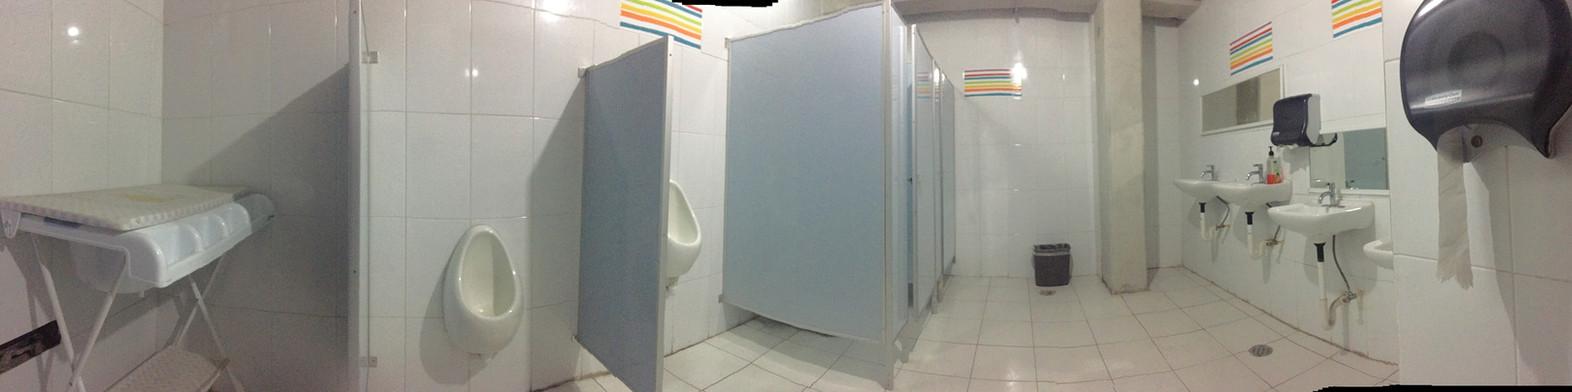 02_baños_hombres.jpg